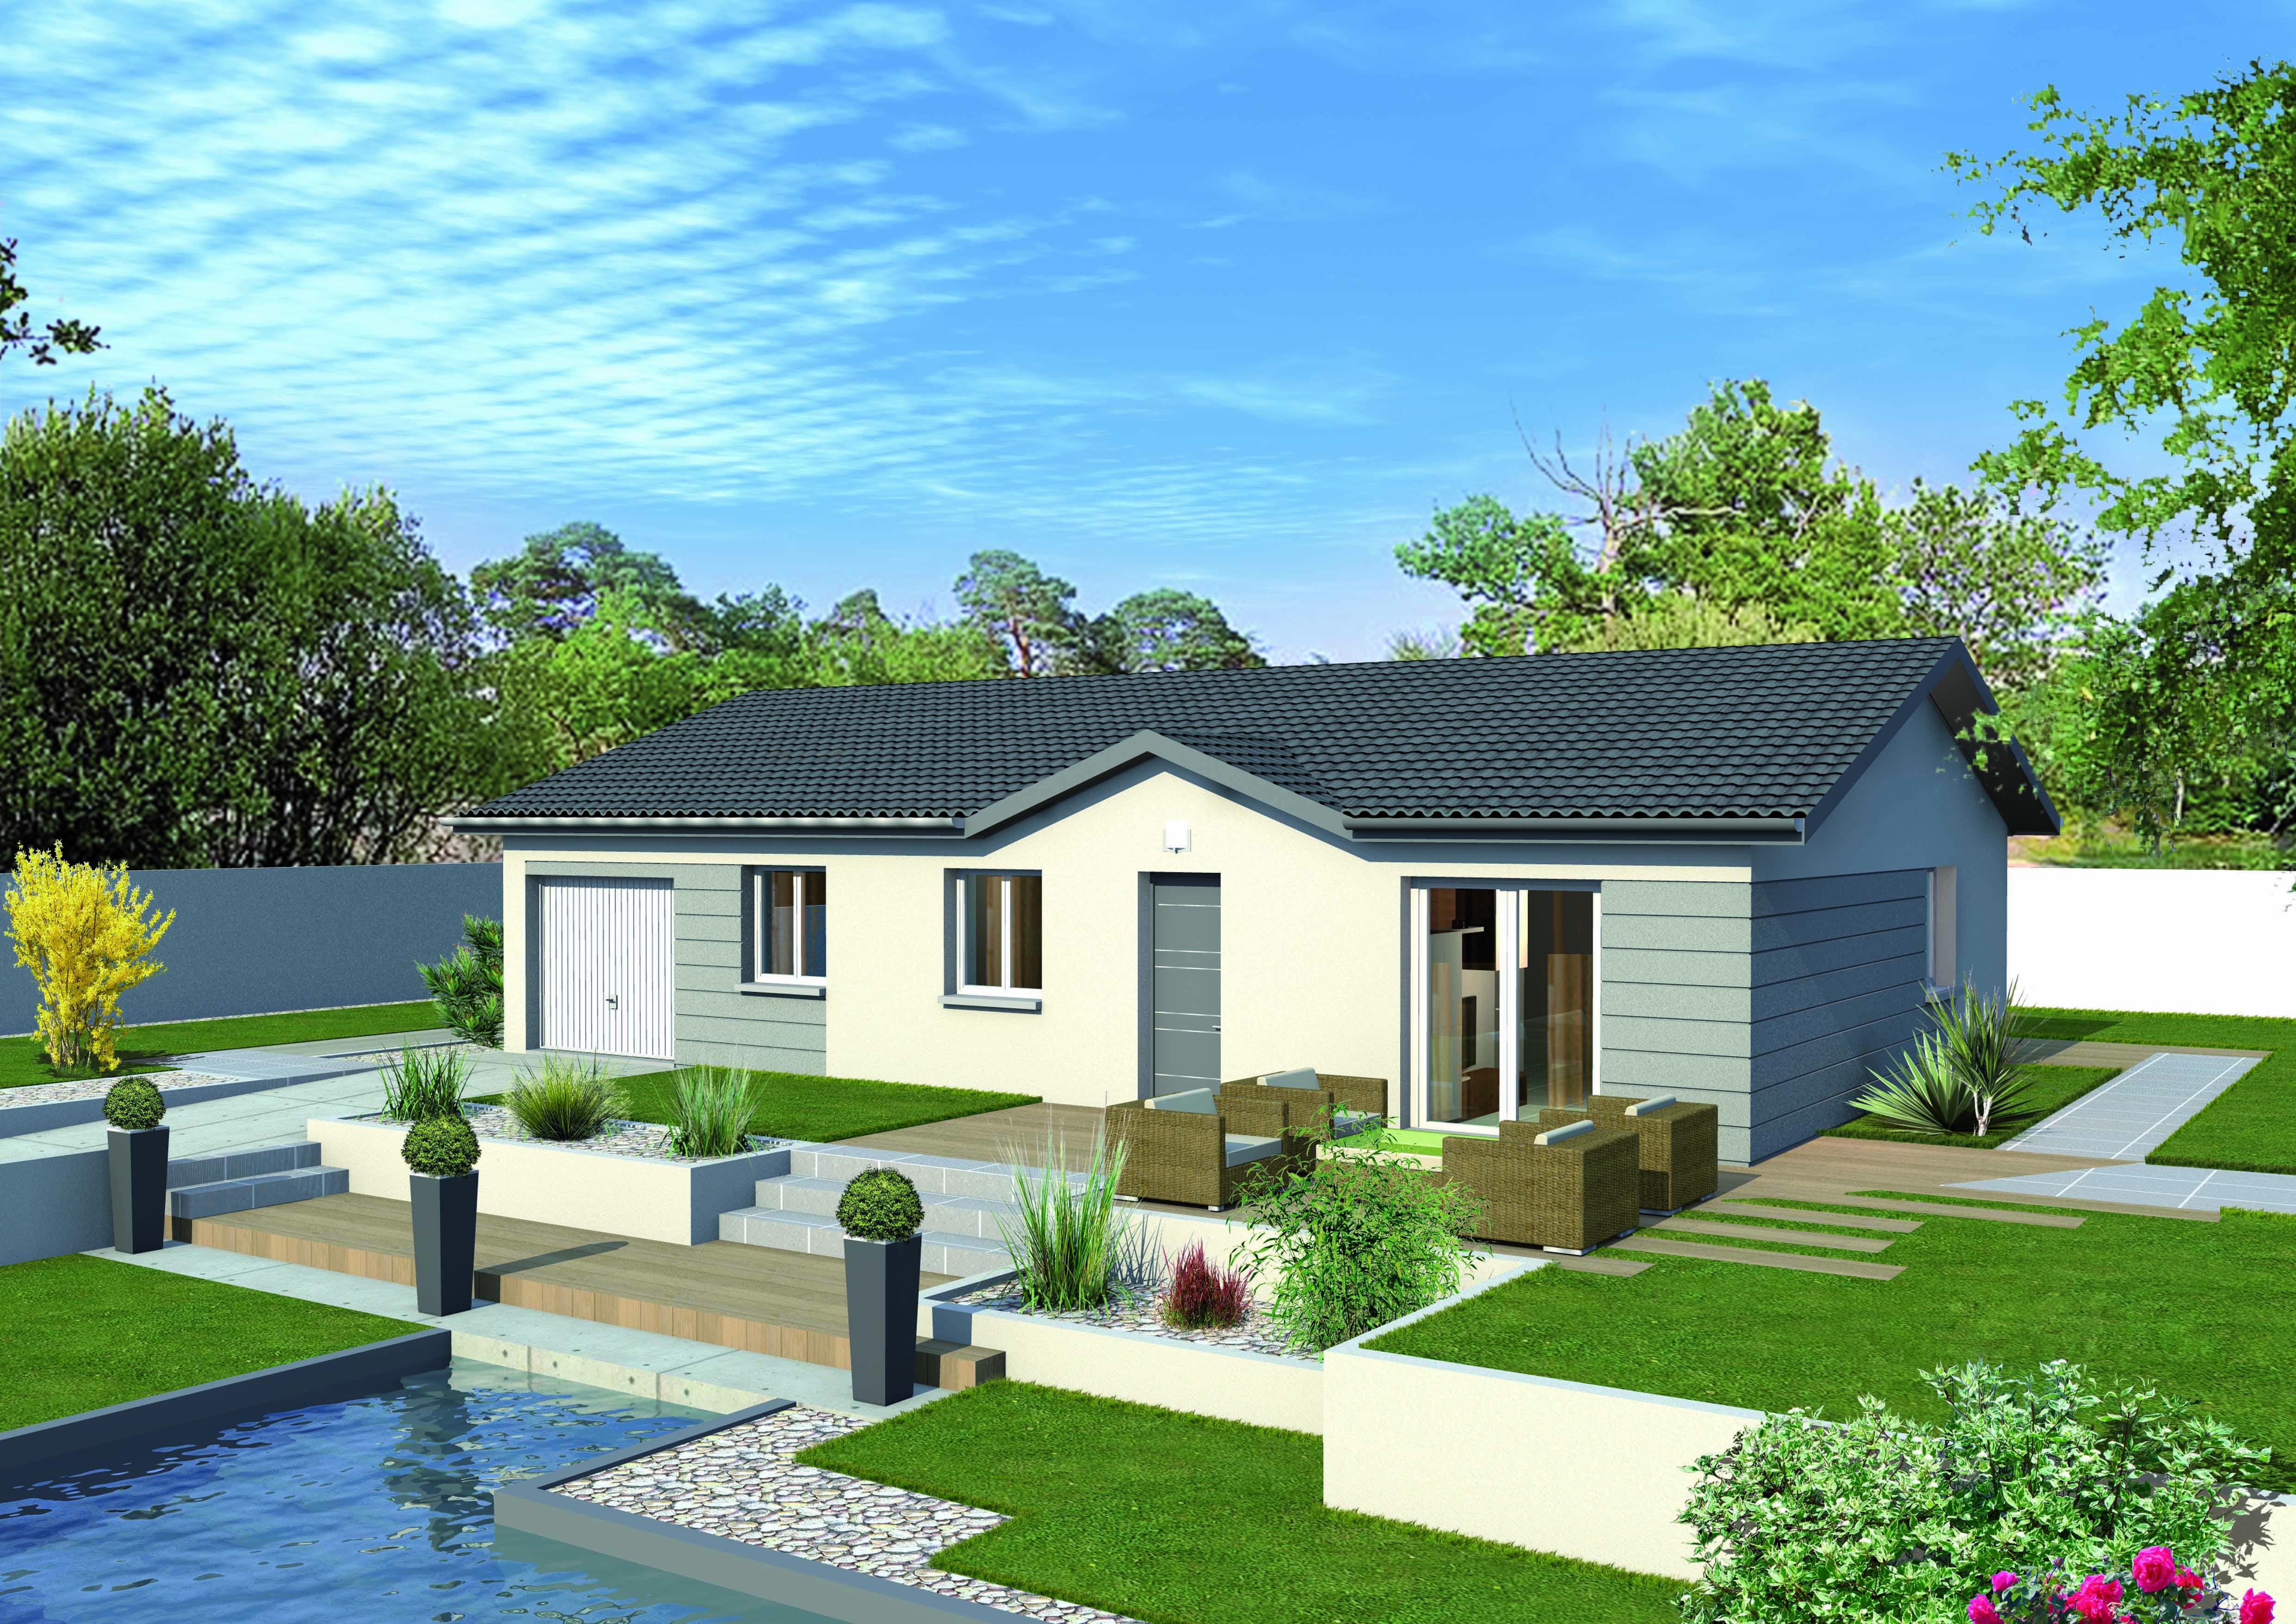 Maisons + Terrains du constructeur MAISONS PUNCH BOURGOIN • 91 m² • BOURGOIN JALLIEU